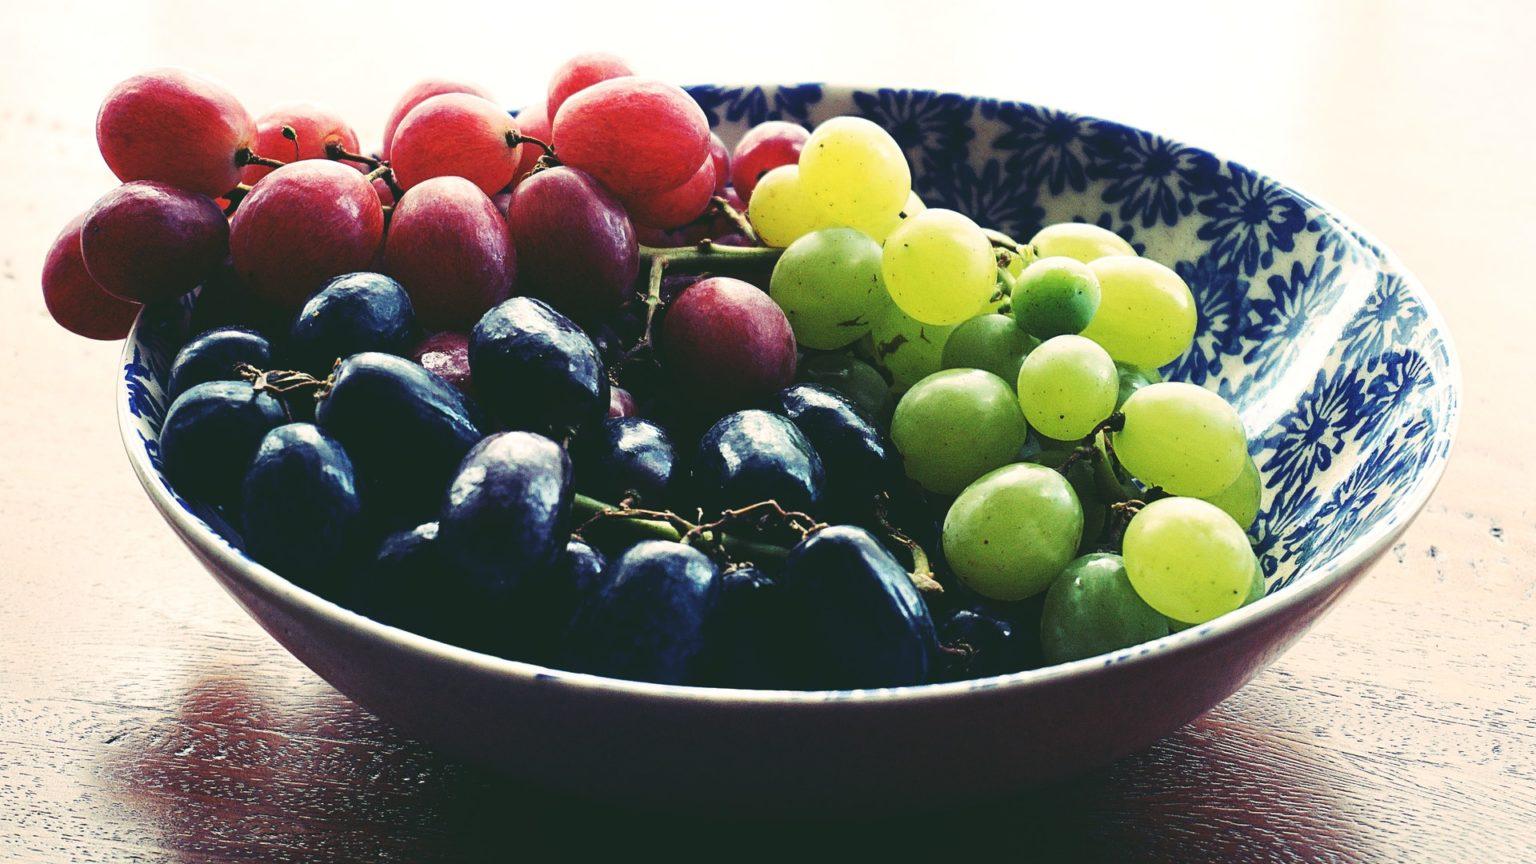 12 Nagy cserje és szőlő őszi színre